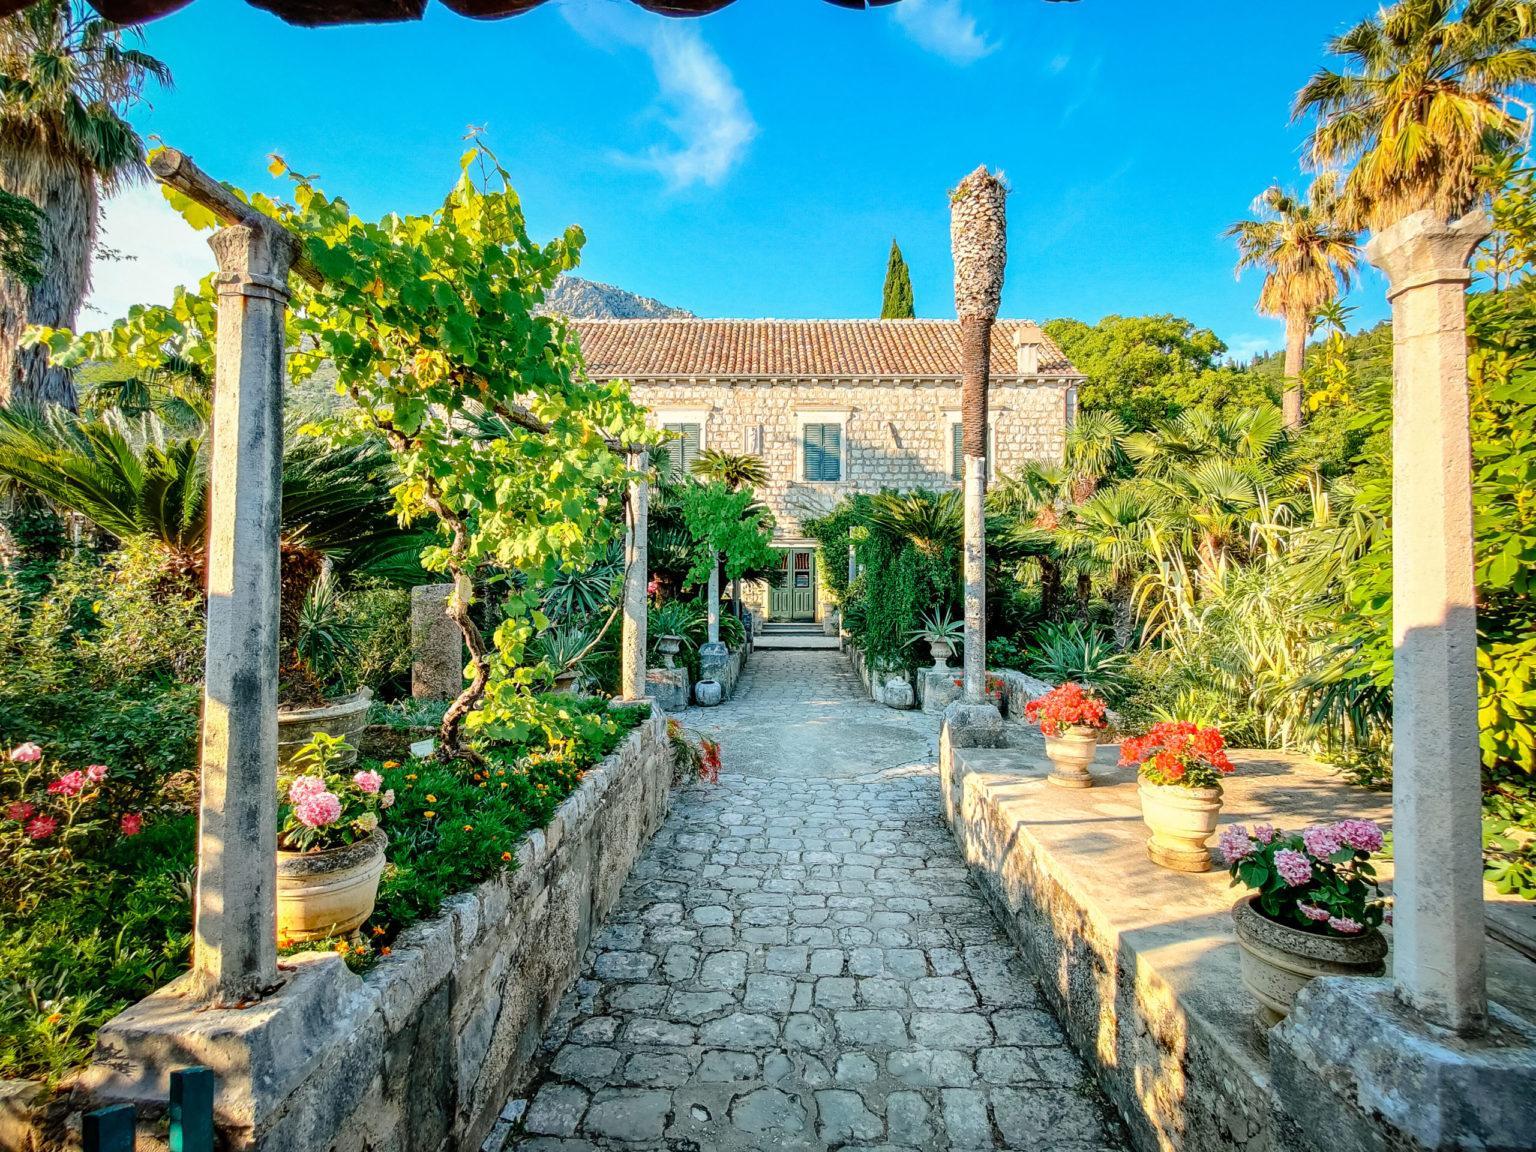 hochzeitslocation Kroatien location hochzeit heiraten 4 10 scaled - Historische Gärten